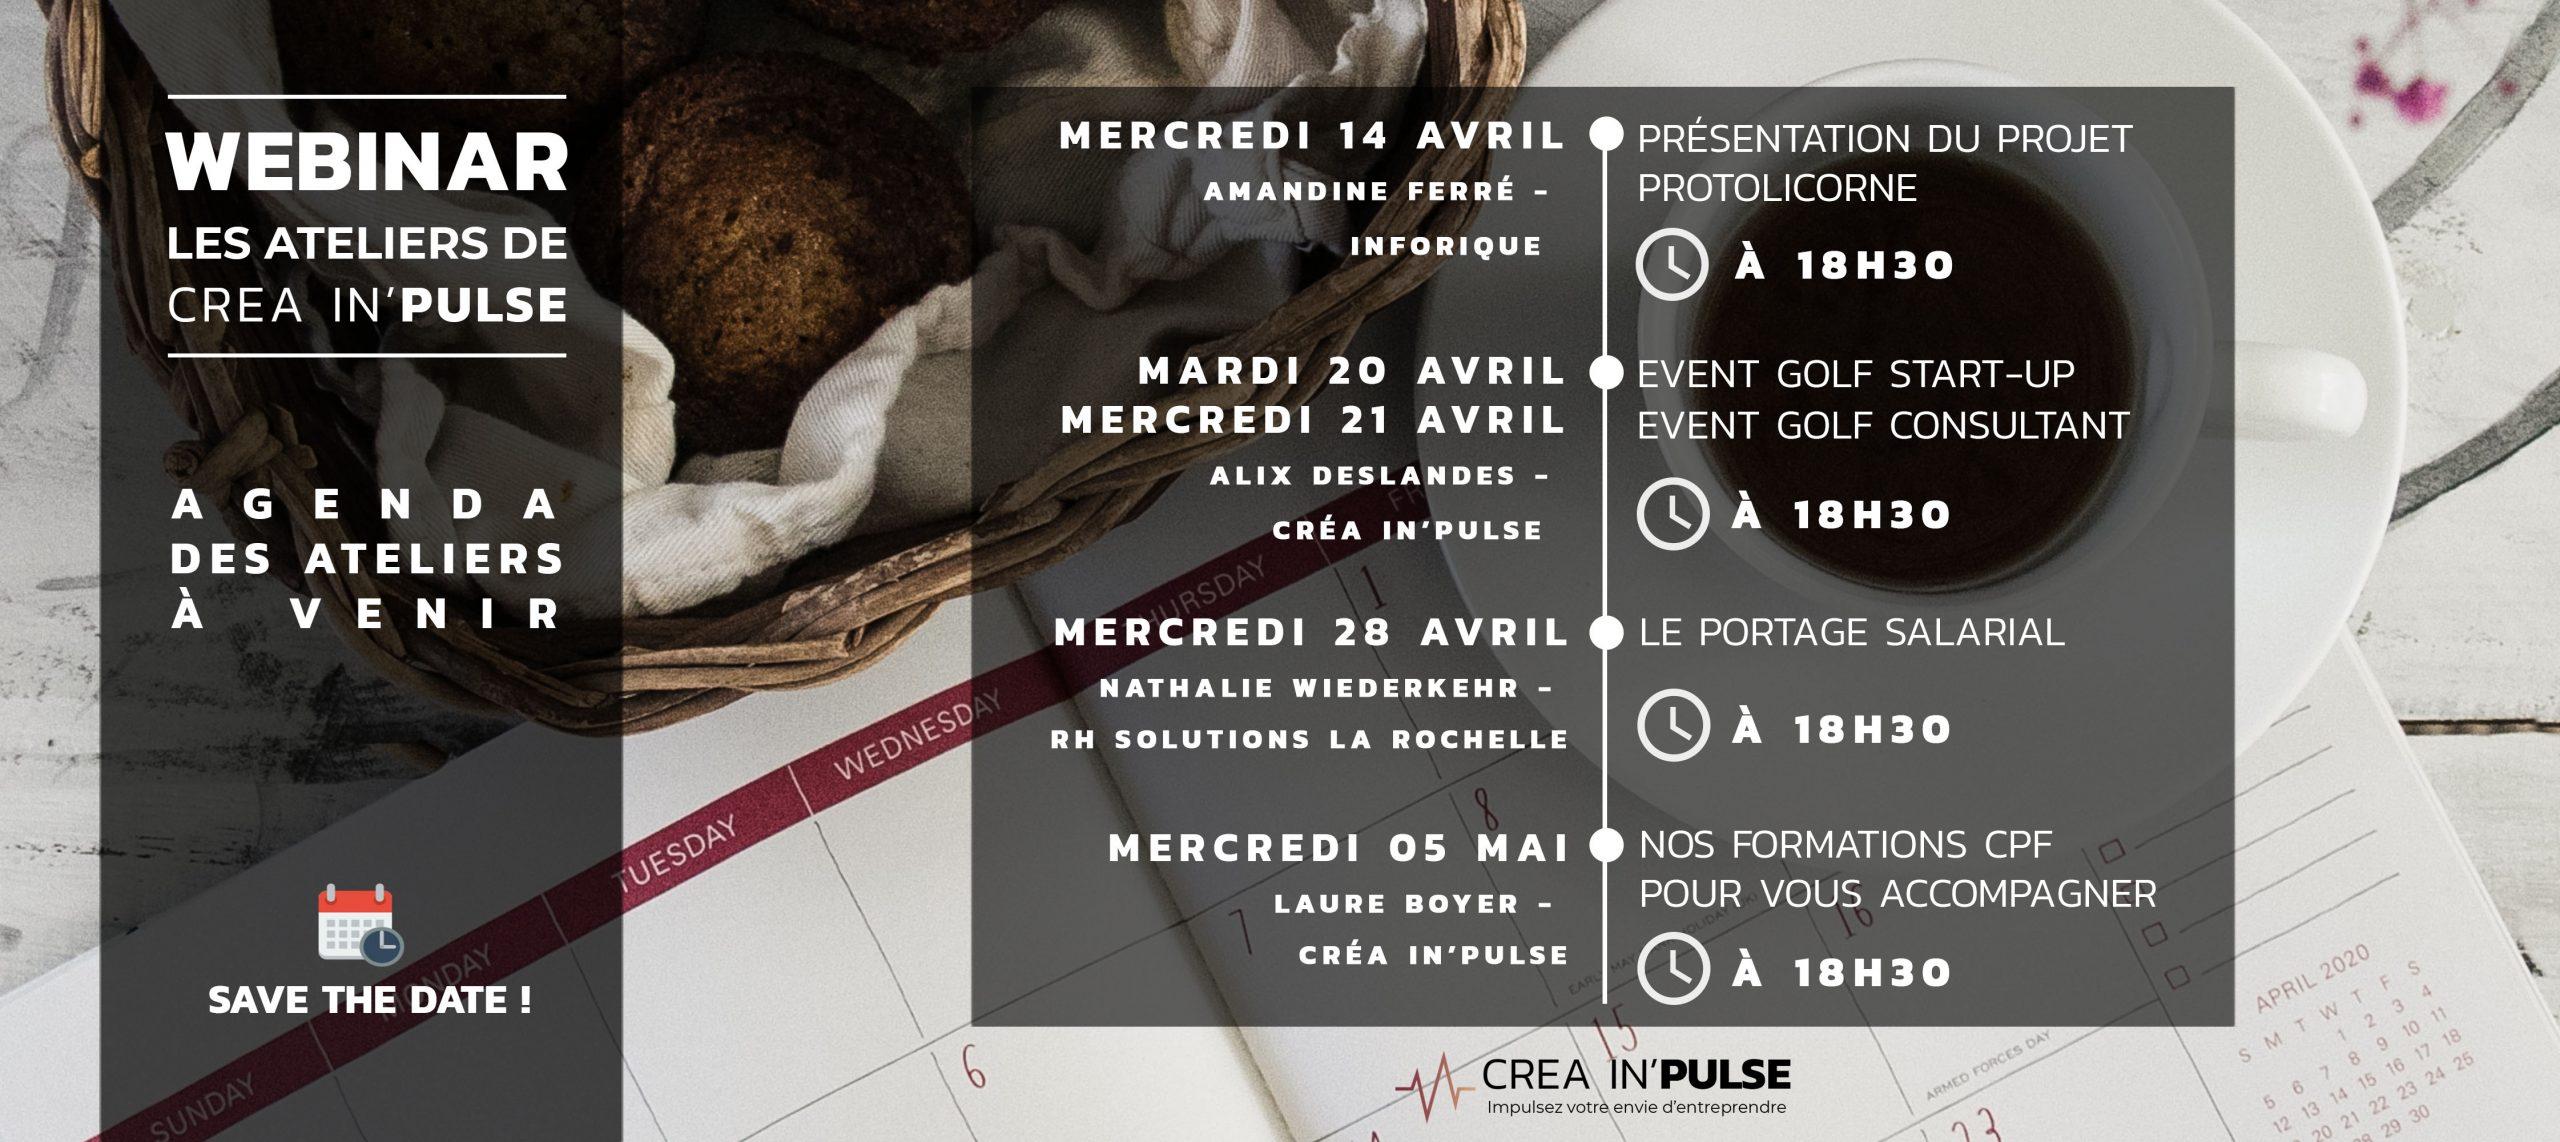 flyer agenda avril creainpulse